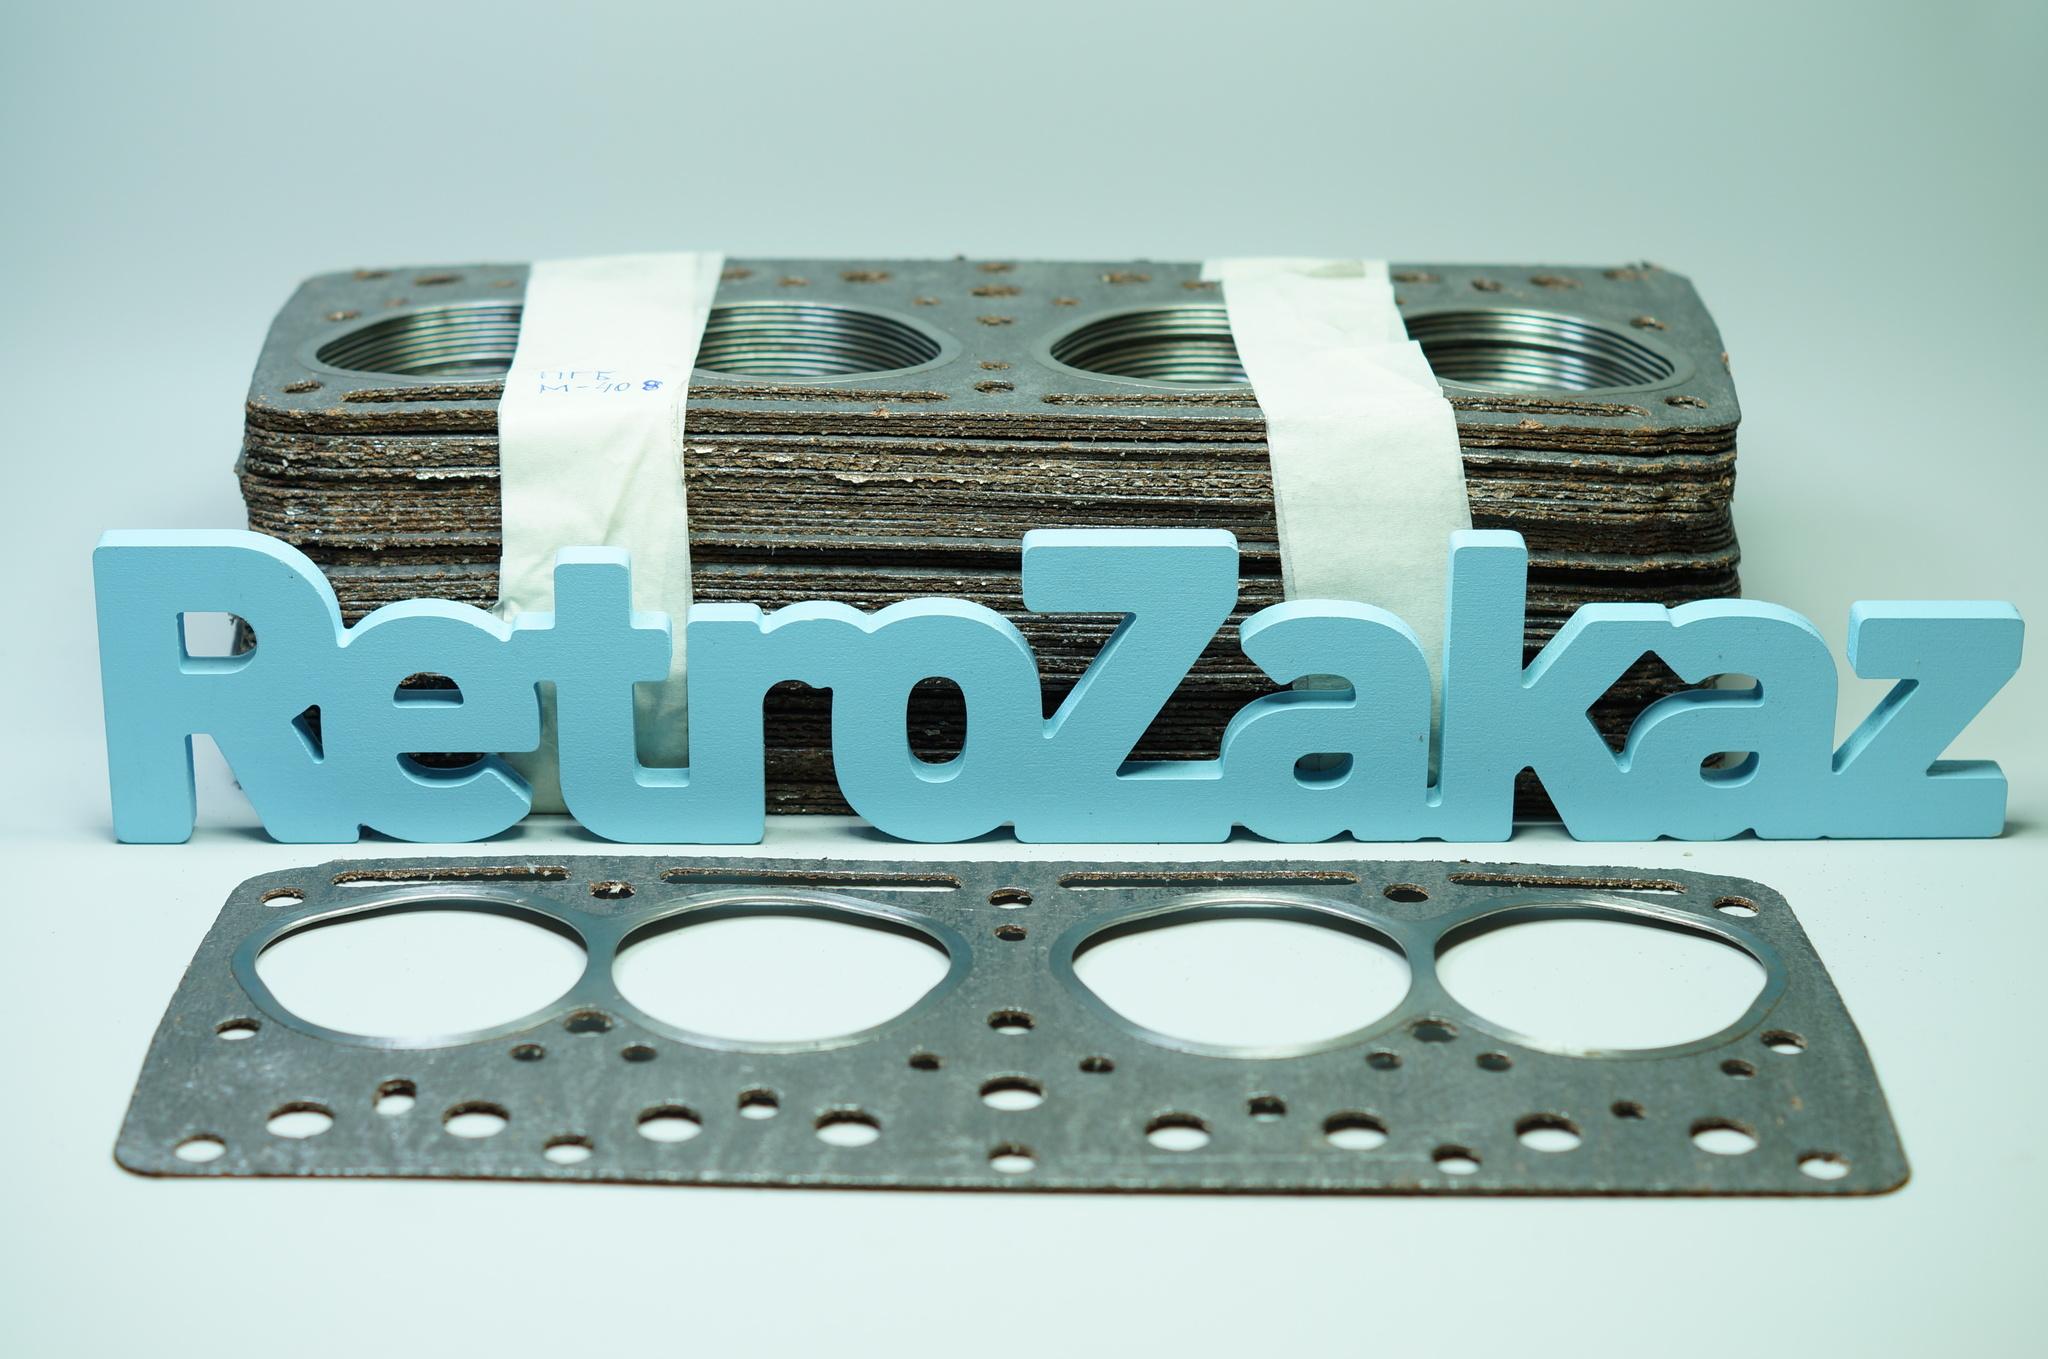 Прокладка ГБЦ головки блока цилиндров на москвич 408